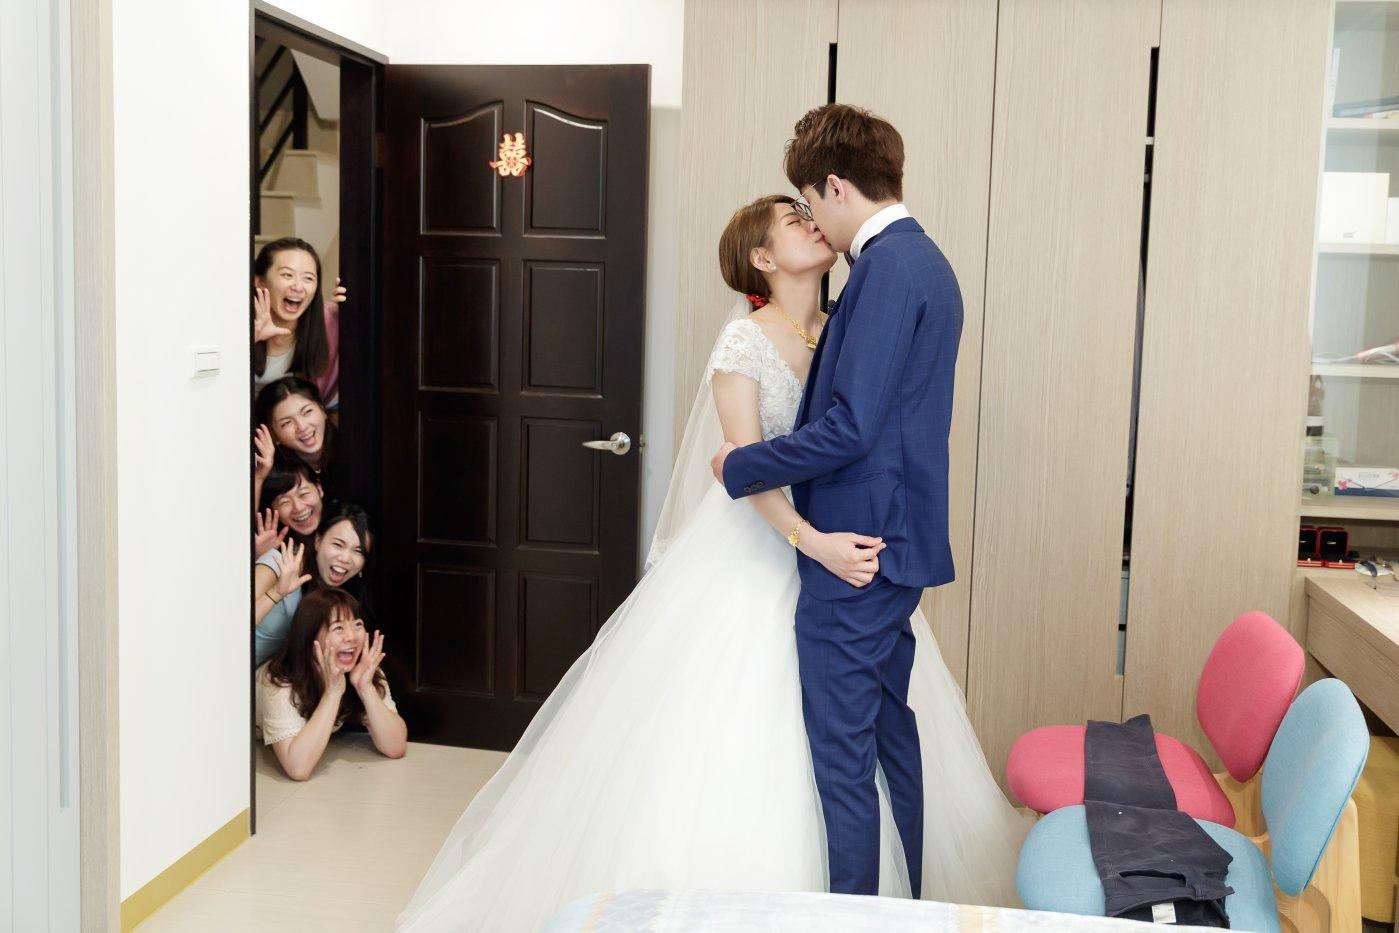 高雄婚攝,,高雄婚攝推薦,婚攝,婚攝推薦,,婚禮合照